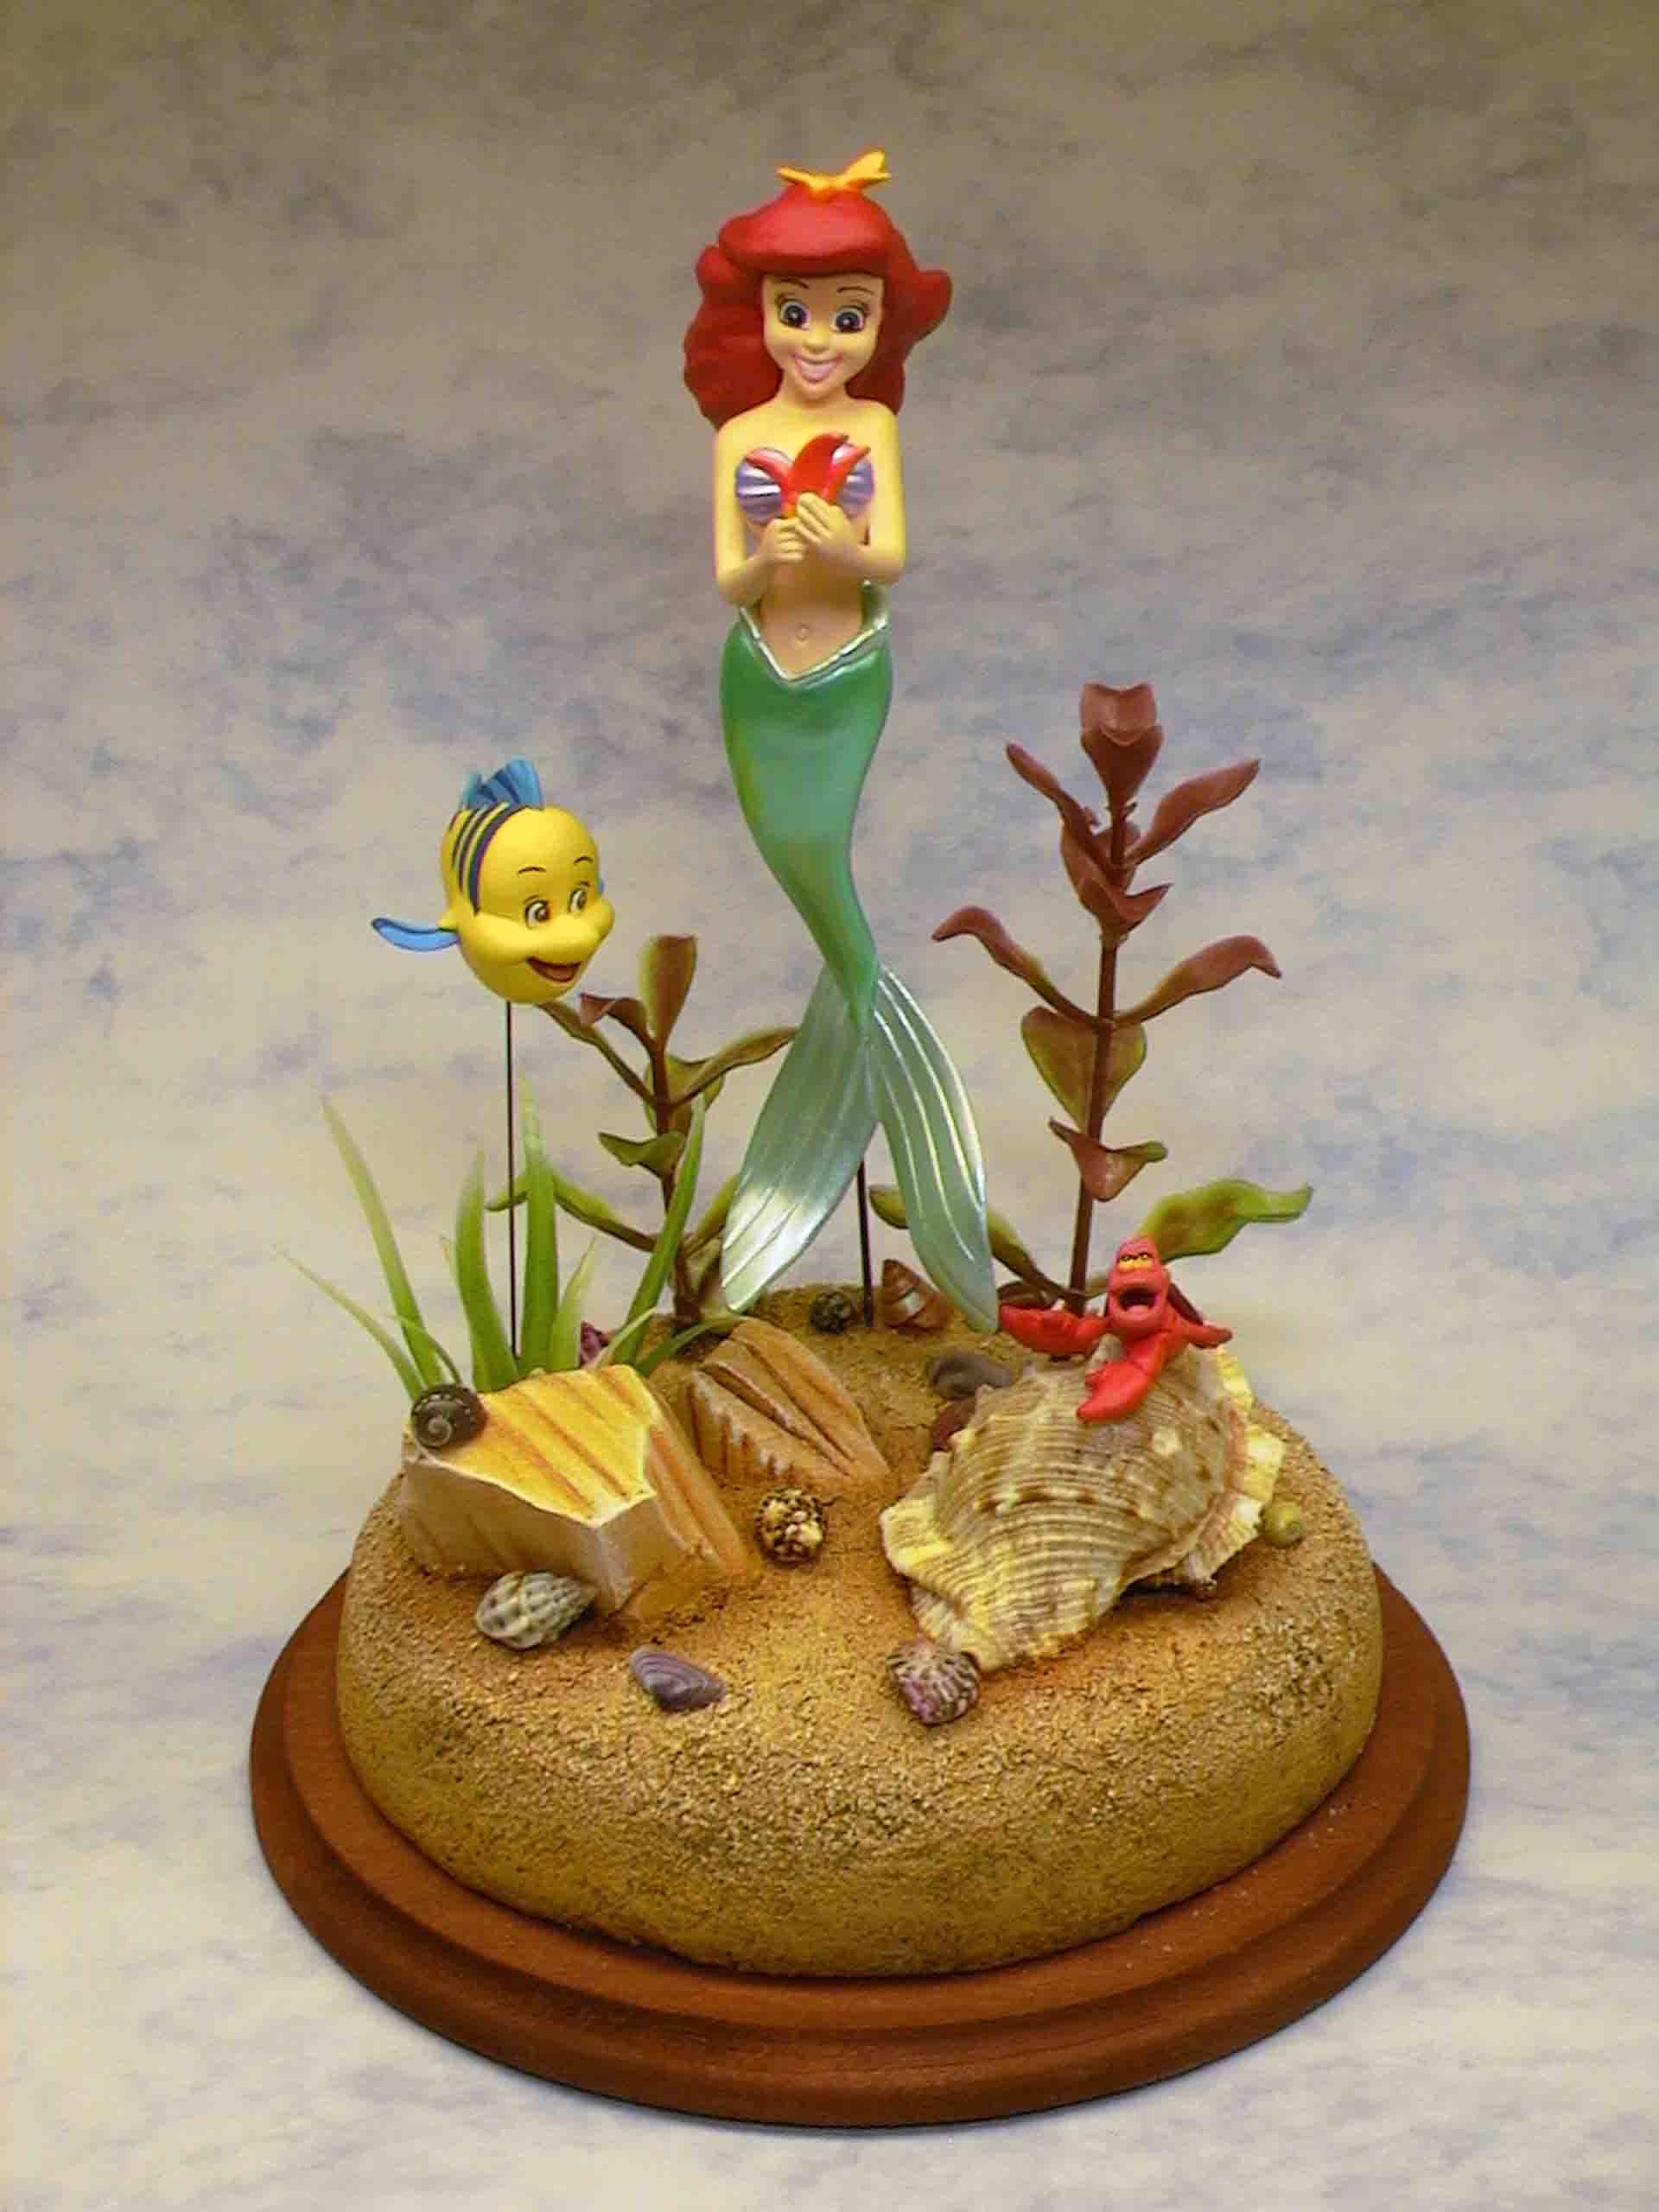 A Little Mermaid's Princess Ariel